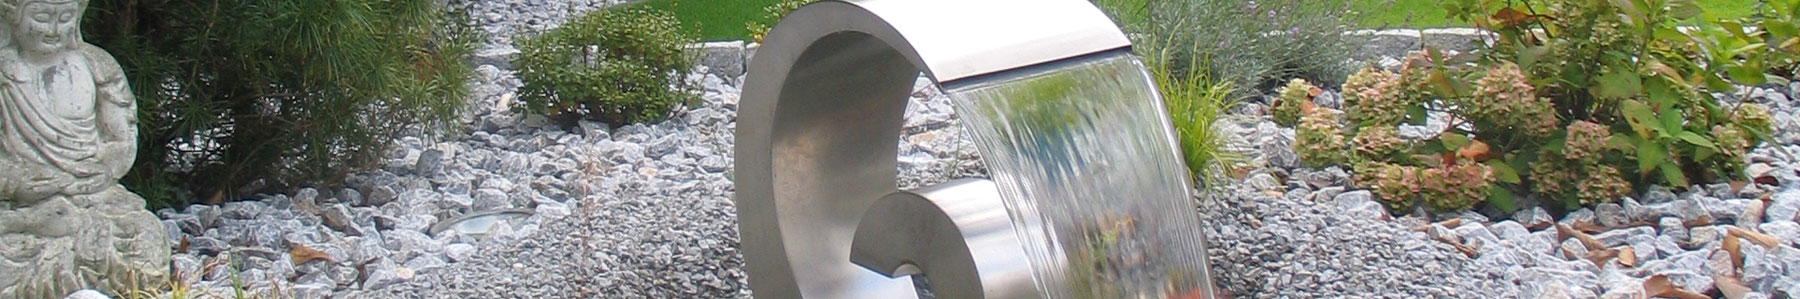 sonstige Wasseranlagen